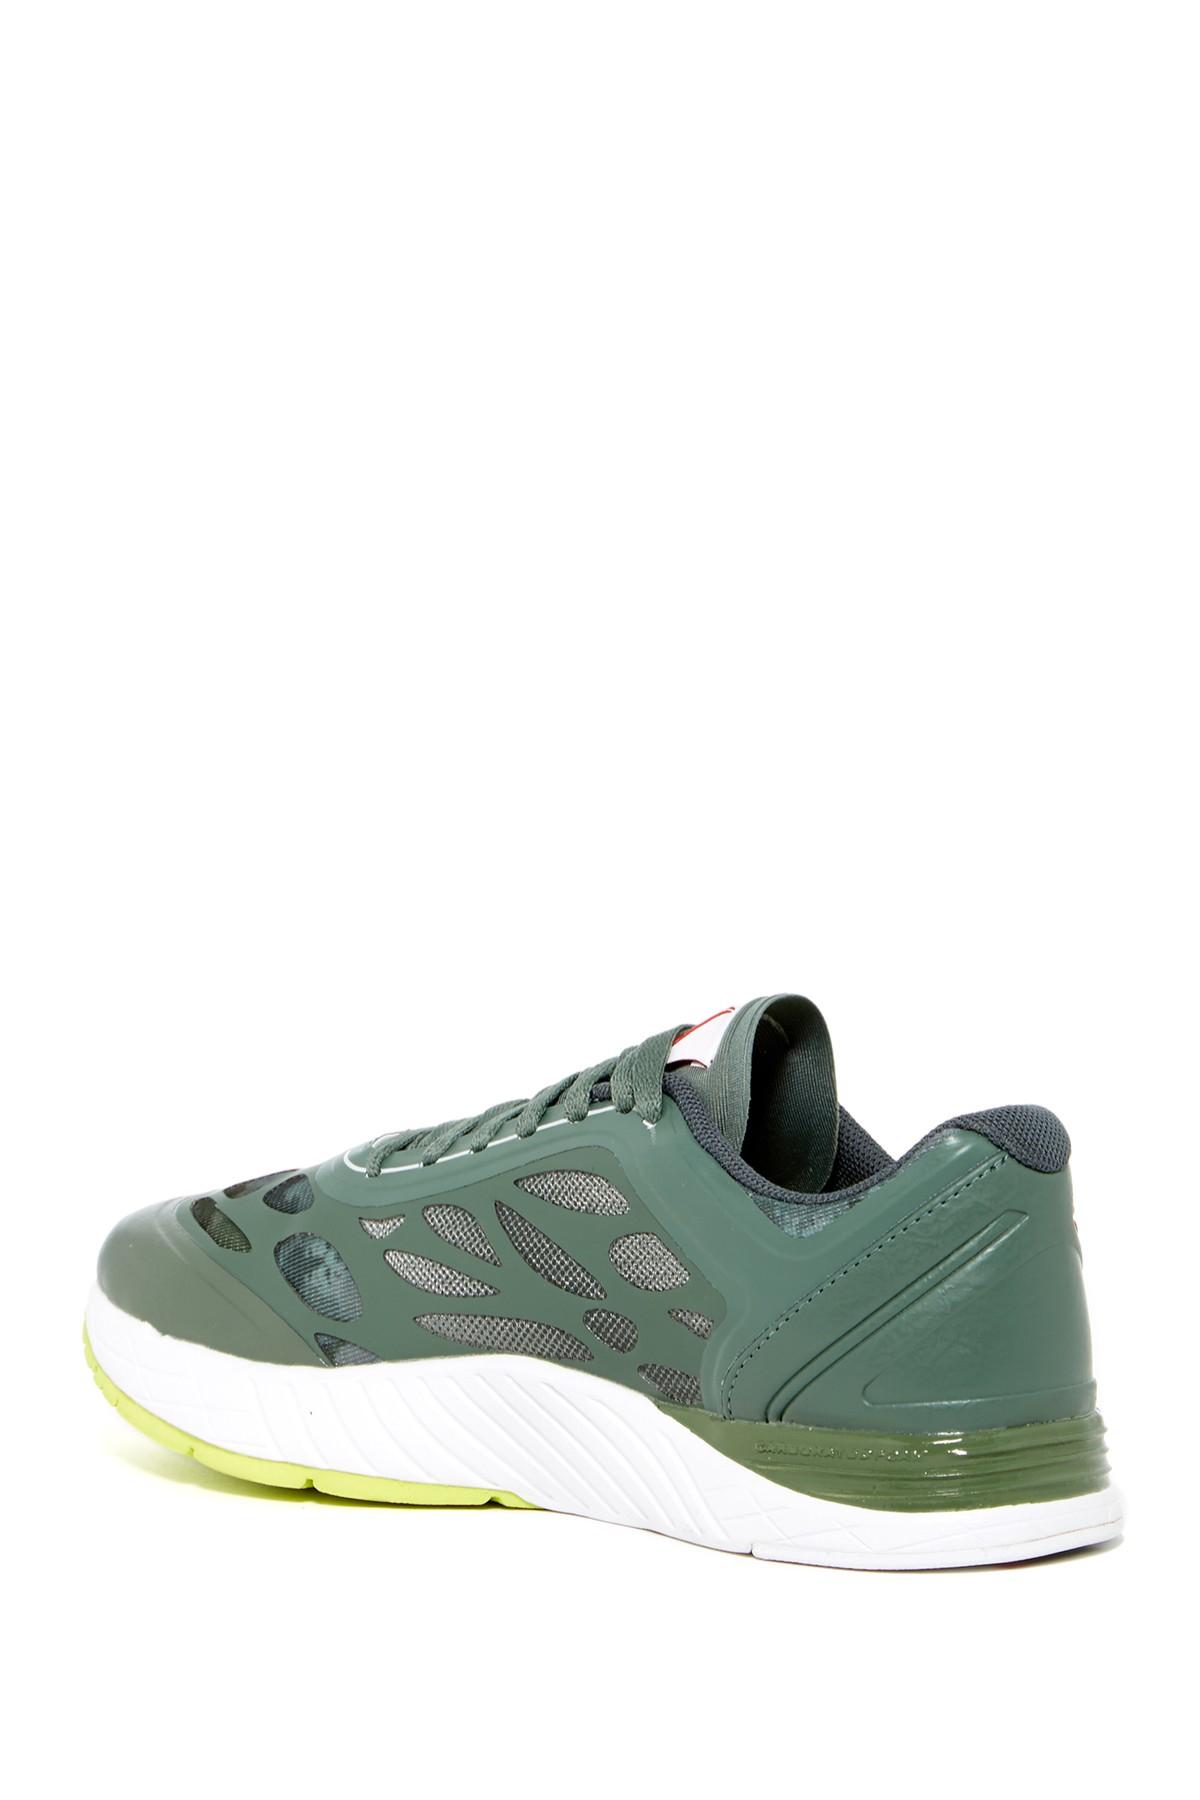 Reebok Cardio Ultra Women S Training Shoes